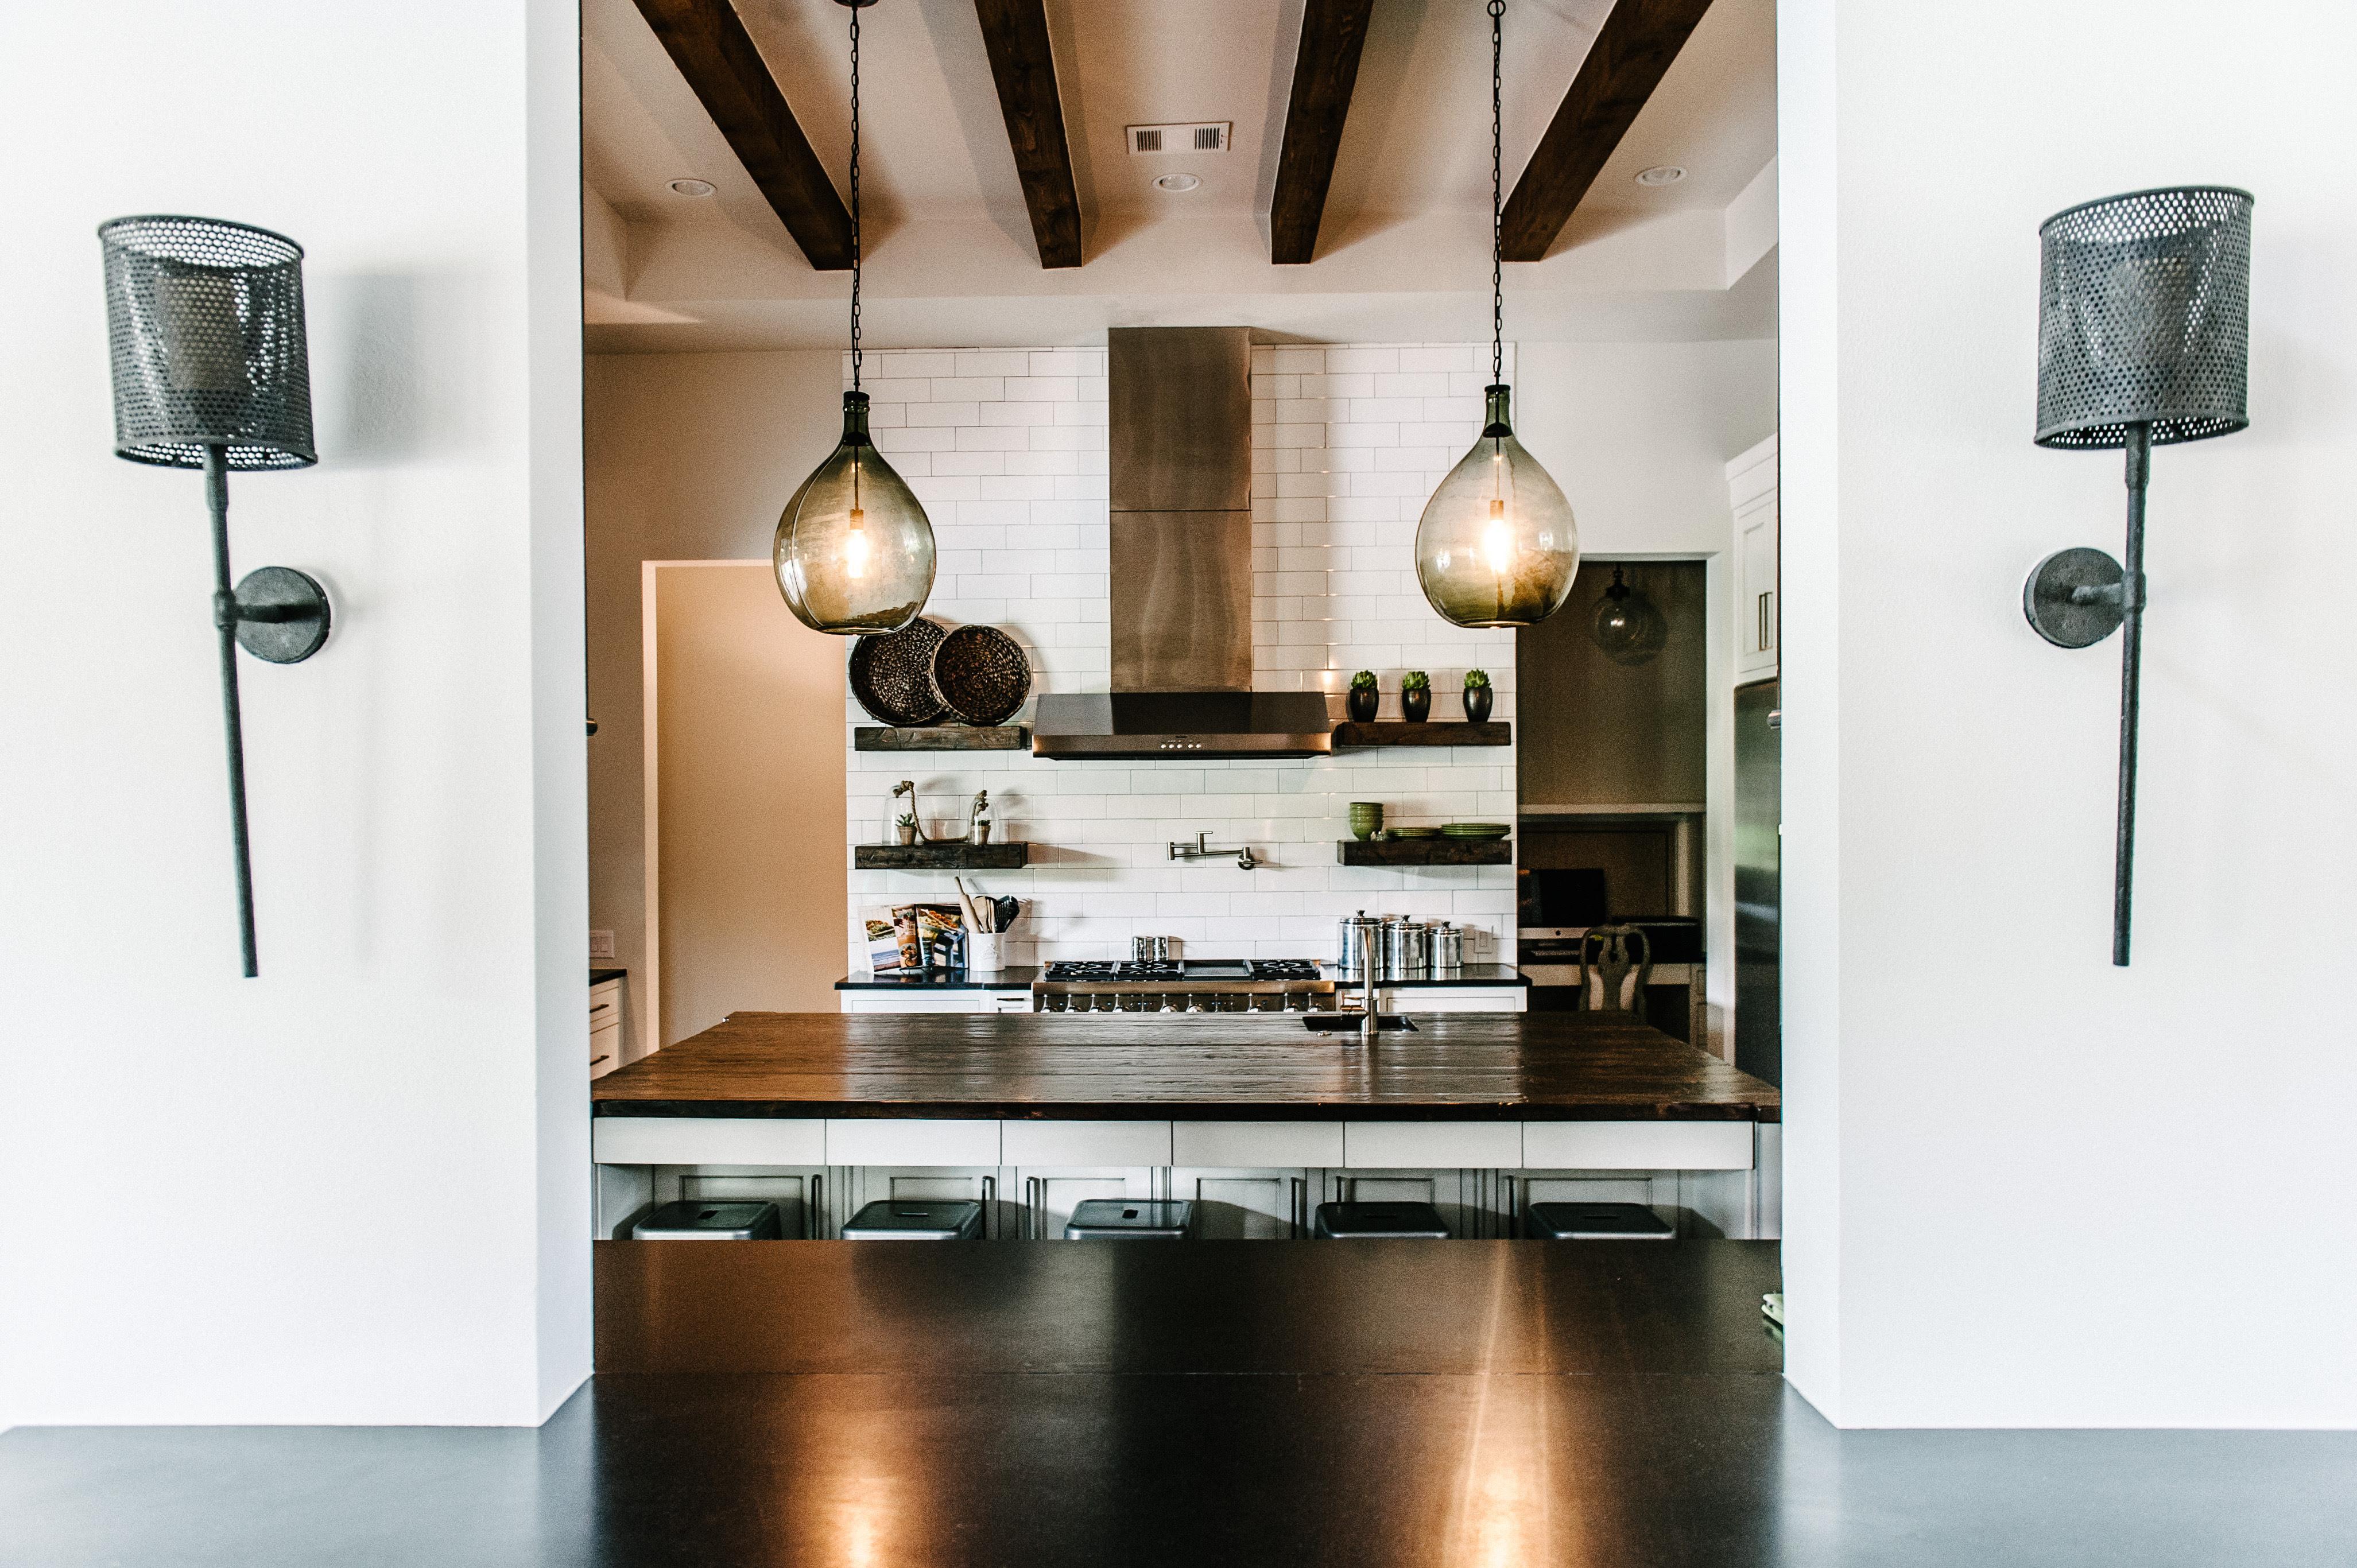 Interior Design Photography – TrentleePhotography